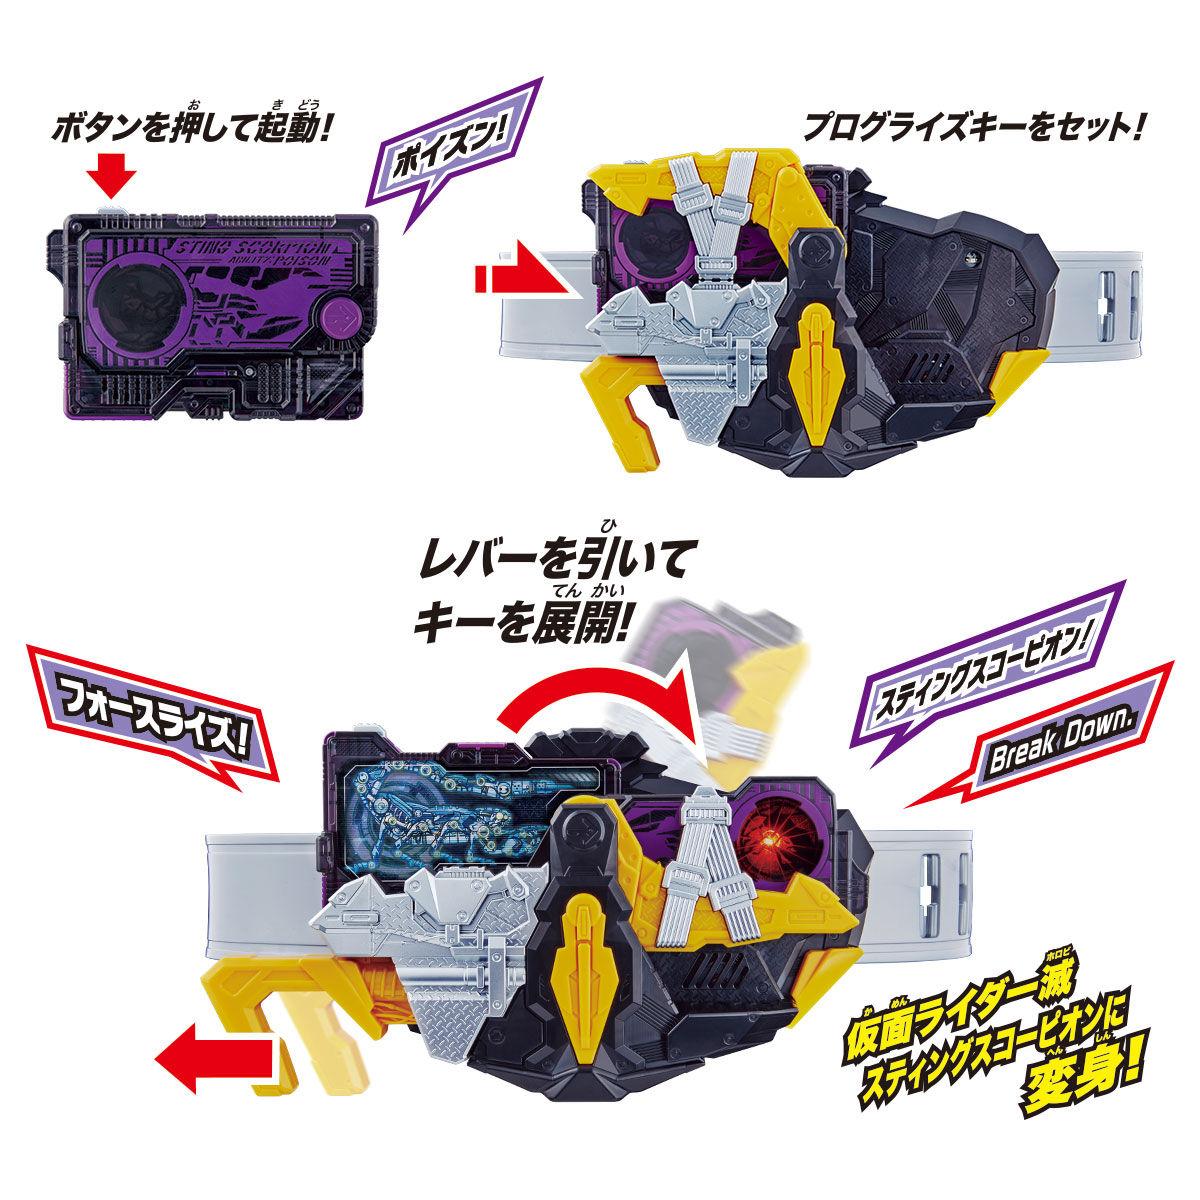 仮面ライダーゼロワン『DX滅亡迅雷フォースライザー』変身ベルト-006